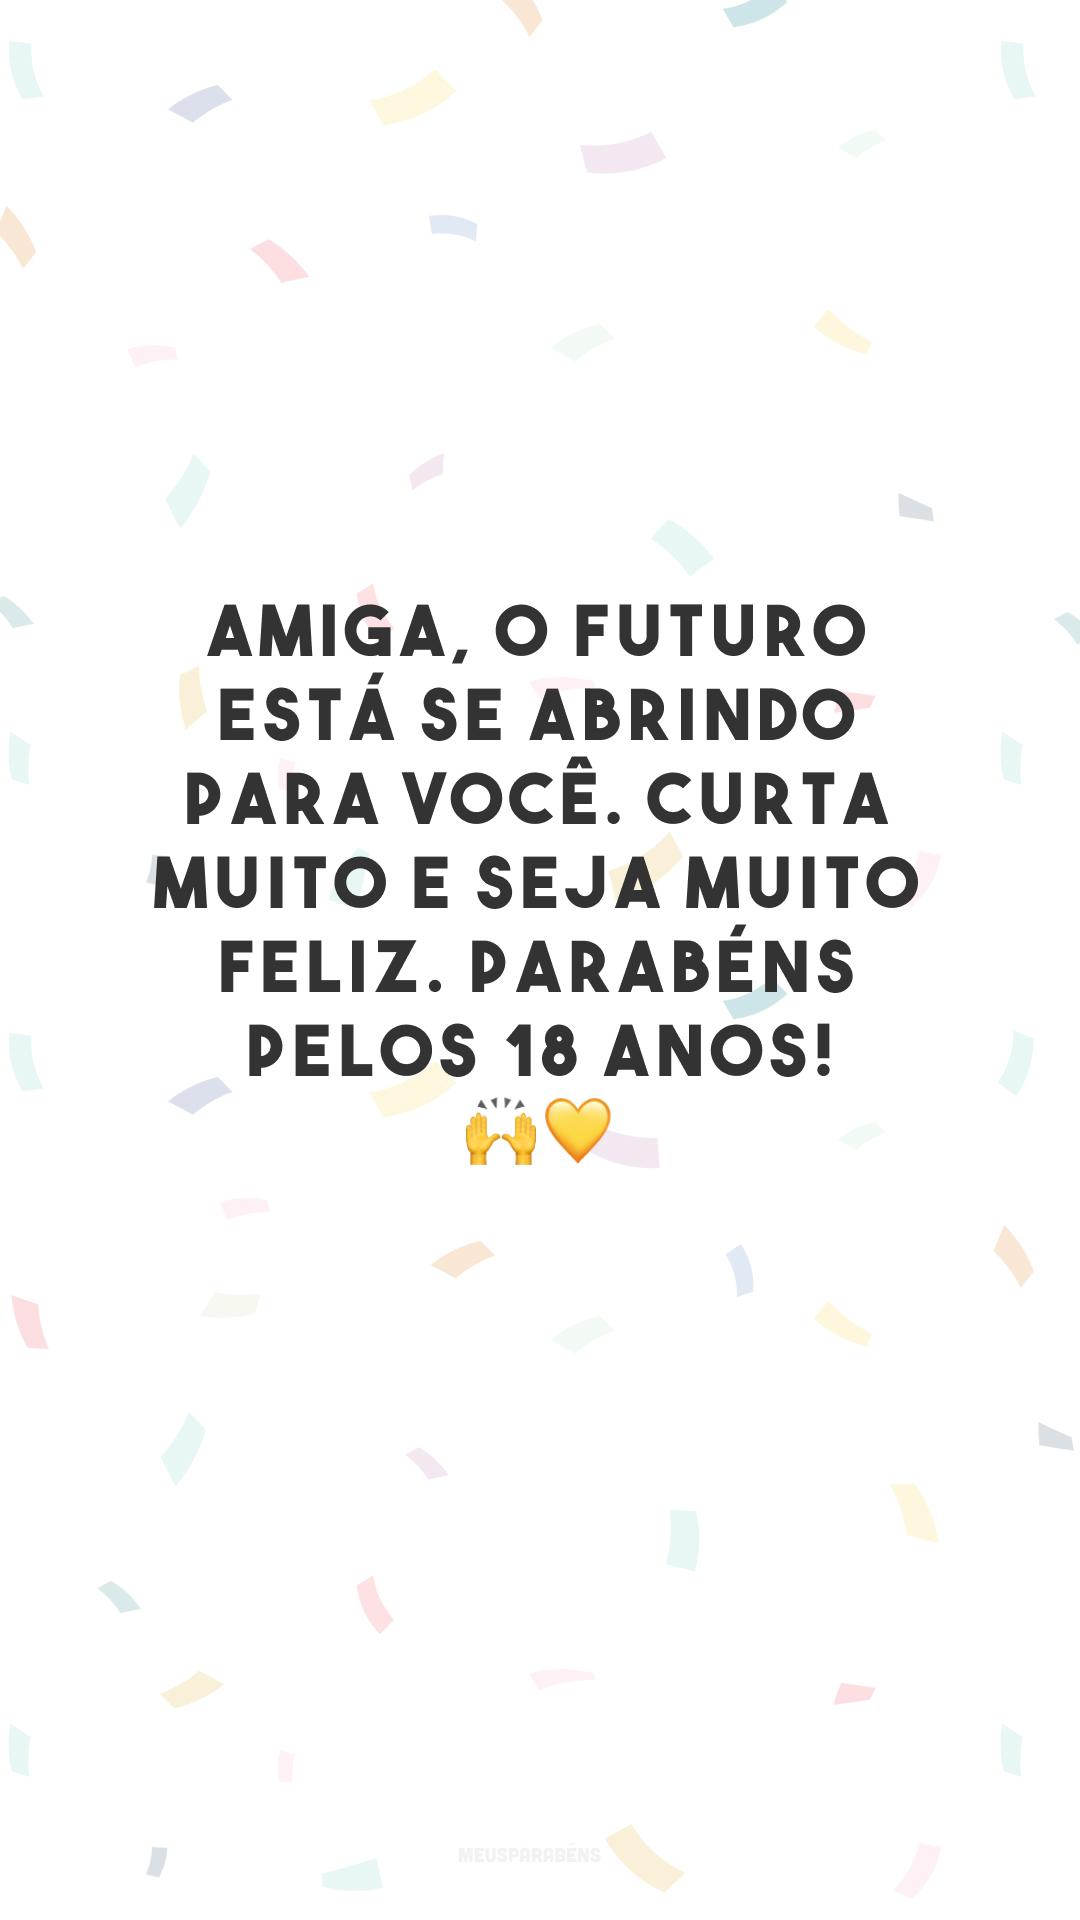 Amiga, o futuro está se abrindo para você. Curta muito e seja muito feliz. Parabéns pelos 18 anos! 🙌💛